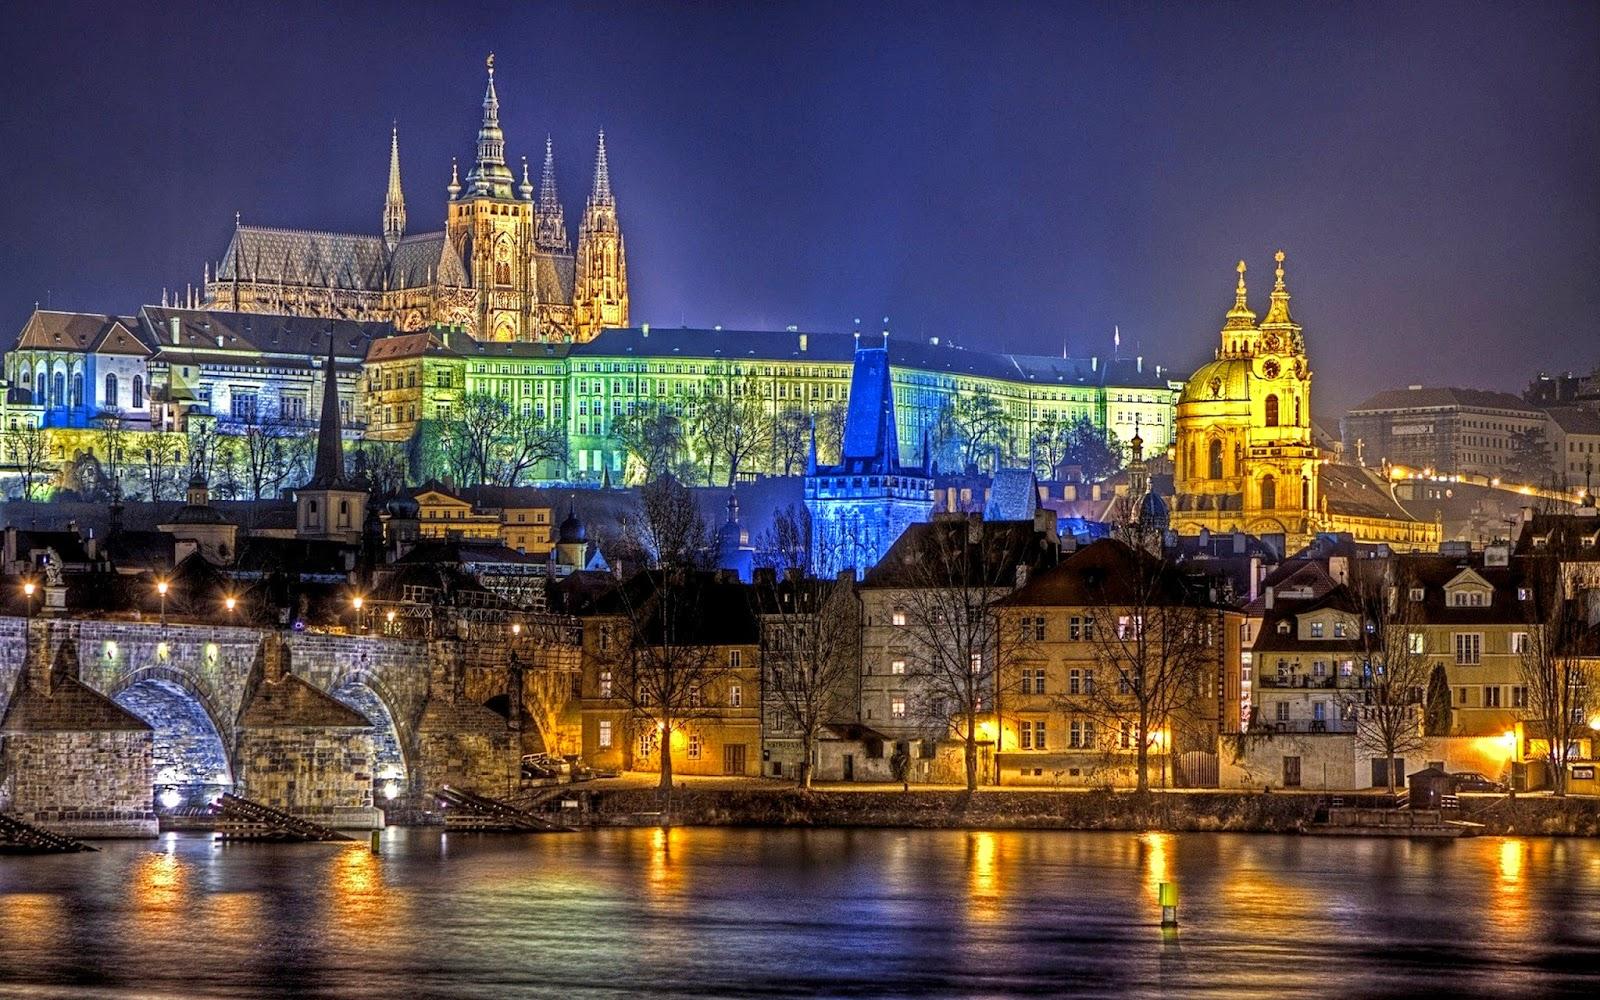 San Valentino al Castello di Praga dalla prospettiva del fiume Moldava